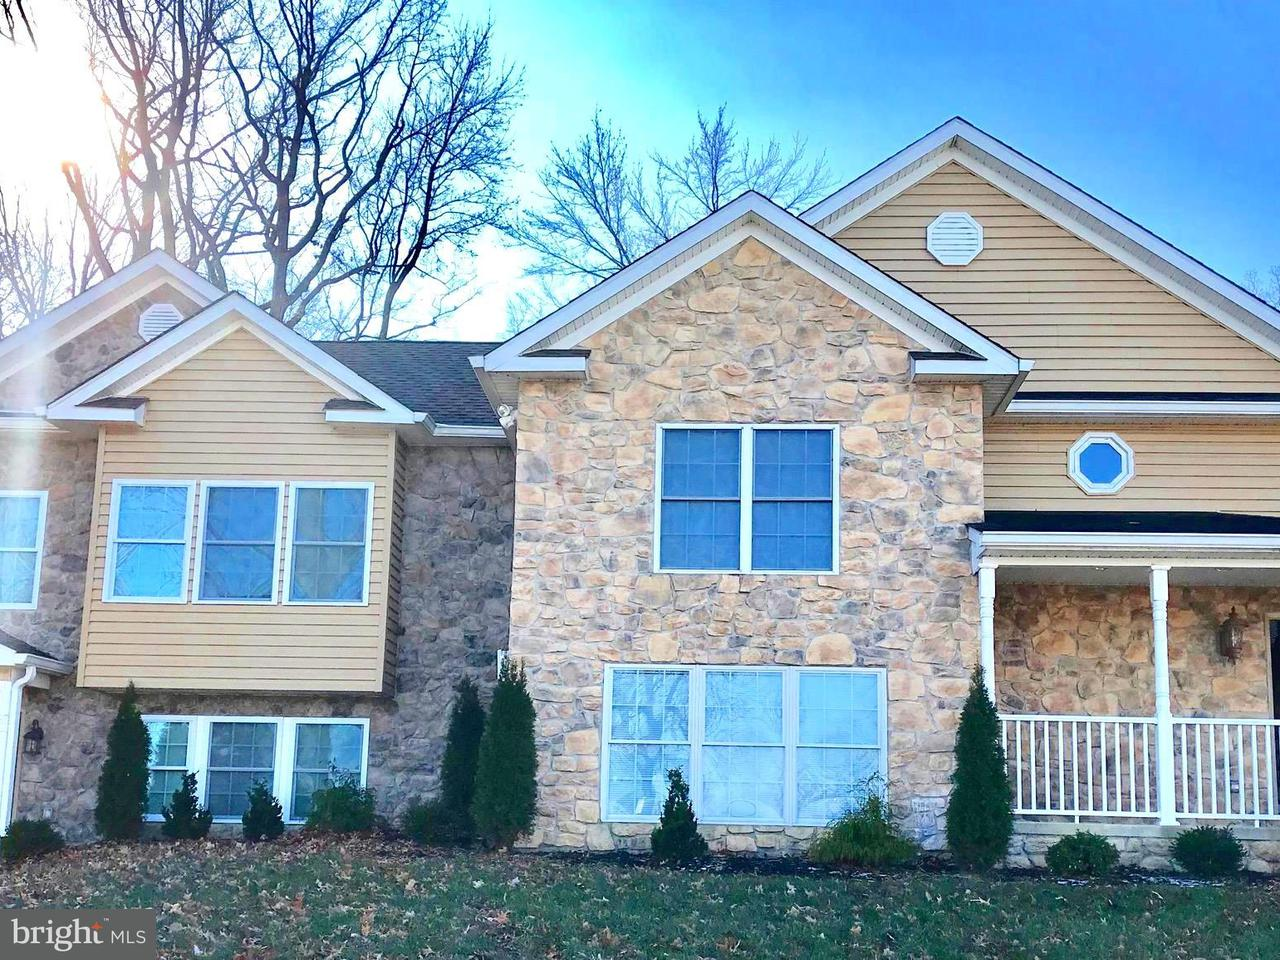 Частный односемейный дом для того Продажа на 23 Sidewell Court 23 Sidewell Court Essex, Мэриленд 21221 Соединенные Штаты